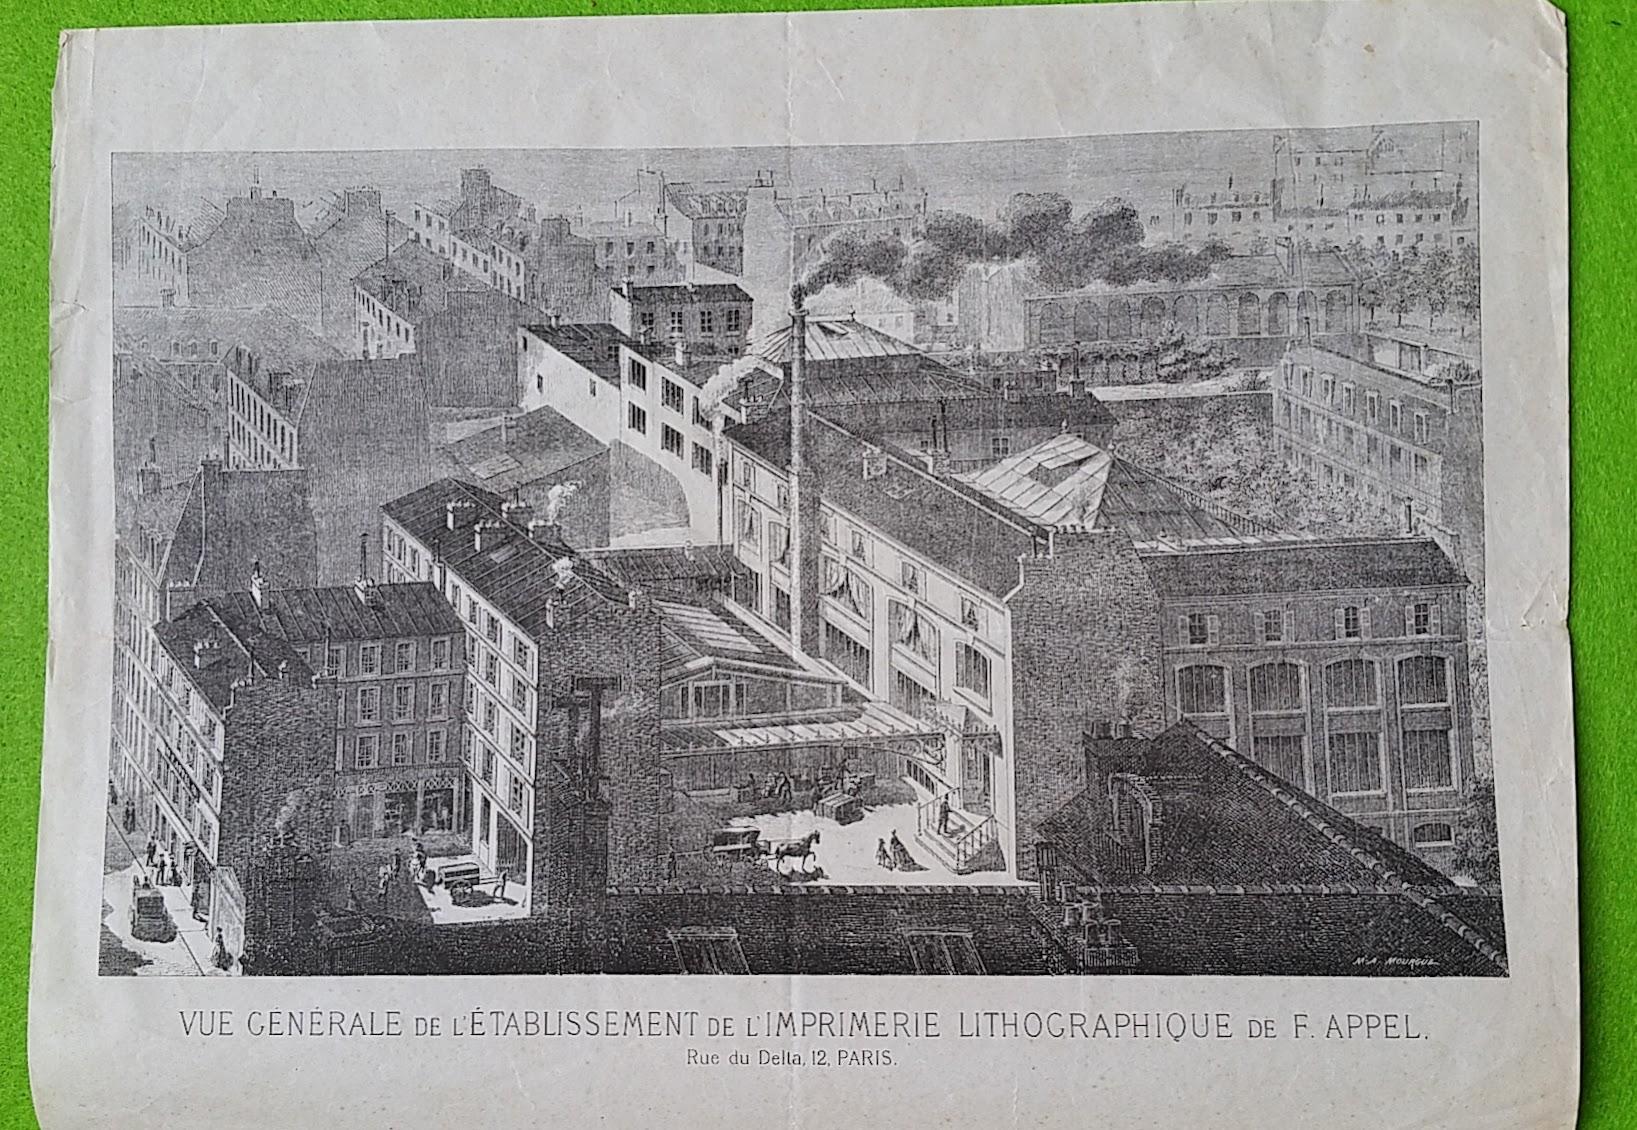 Ansicht der Lithographischen Druckerei François Appel - Rue du Delta, 12 - Paris